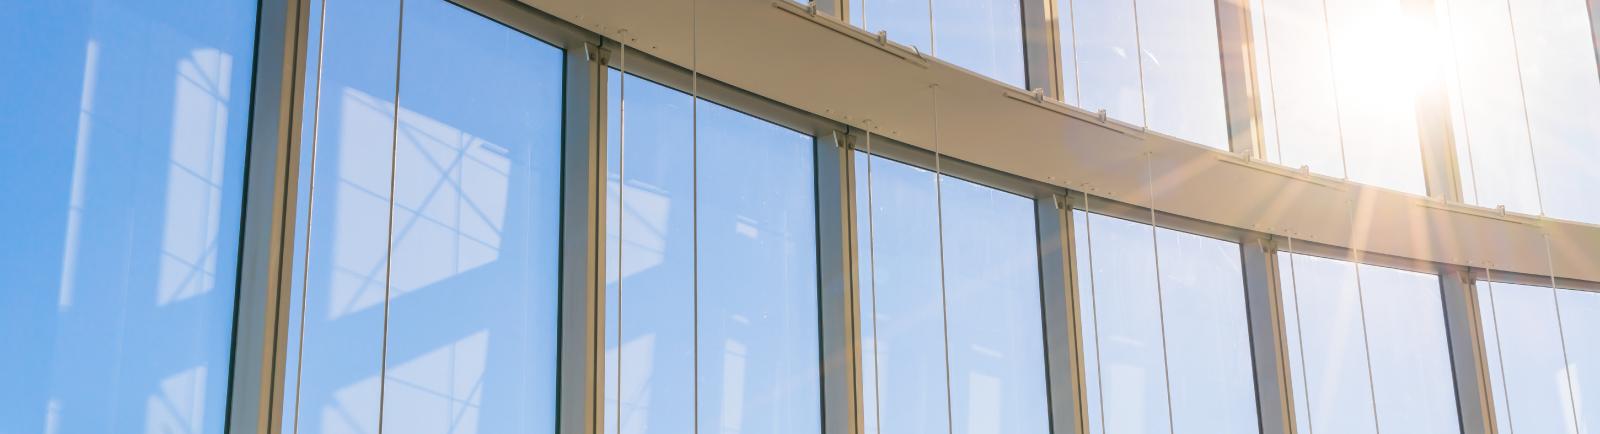 láminas para ventanas edificios